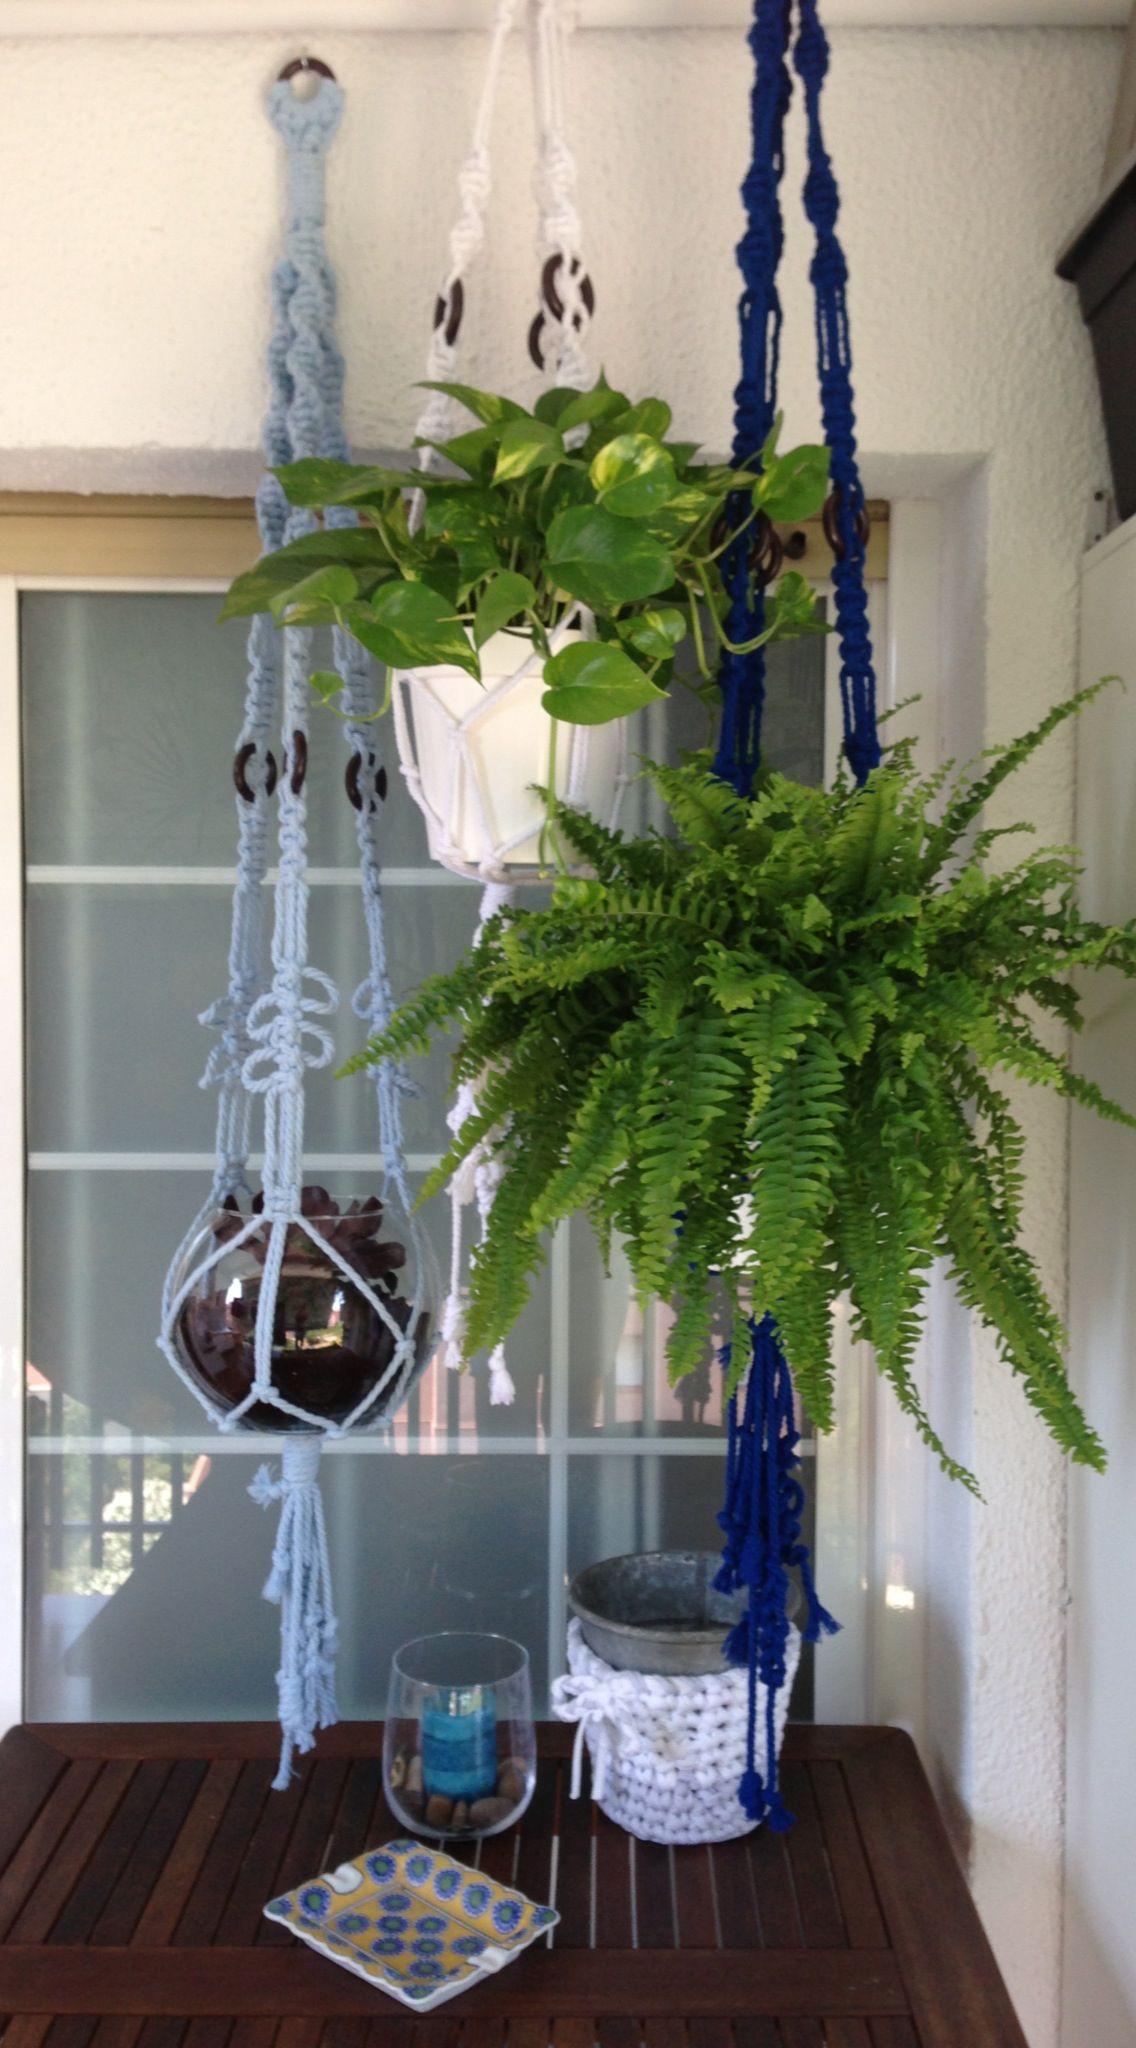 Delle macrame macrame plant hanger plant hanger macrame